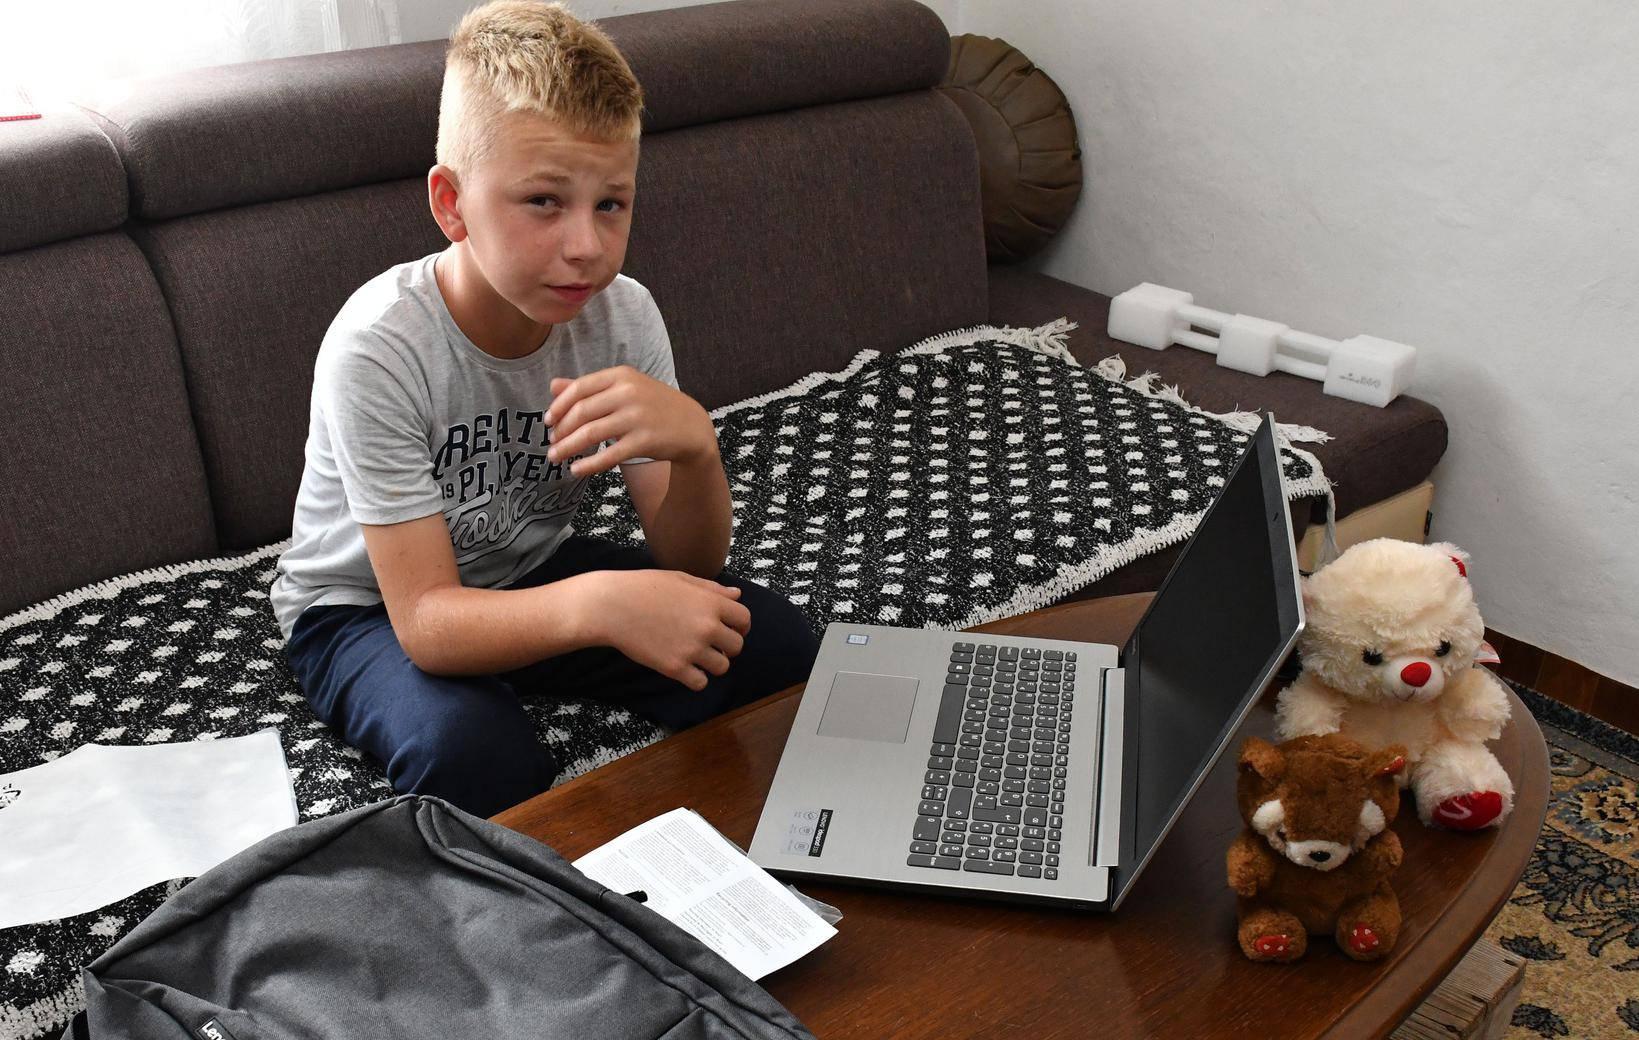 Tuzla/ Selo Brlosci - Redakcija 24sata poklonila je laptop dječaku Zuhdiji Aliću.